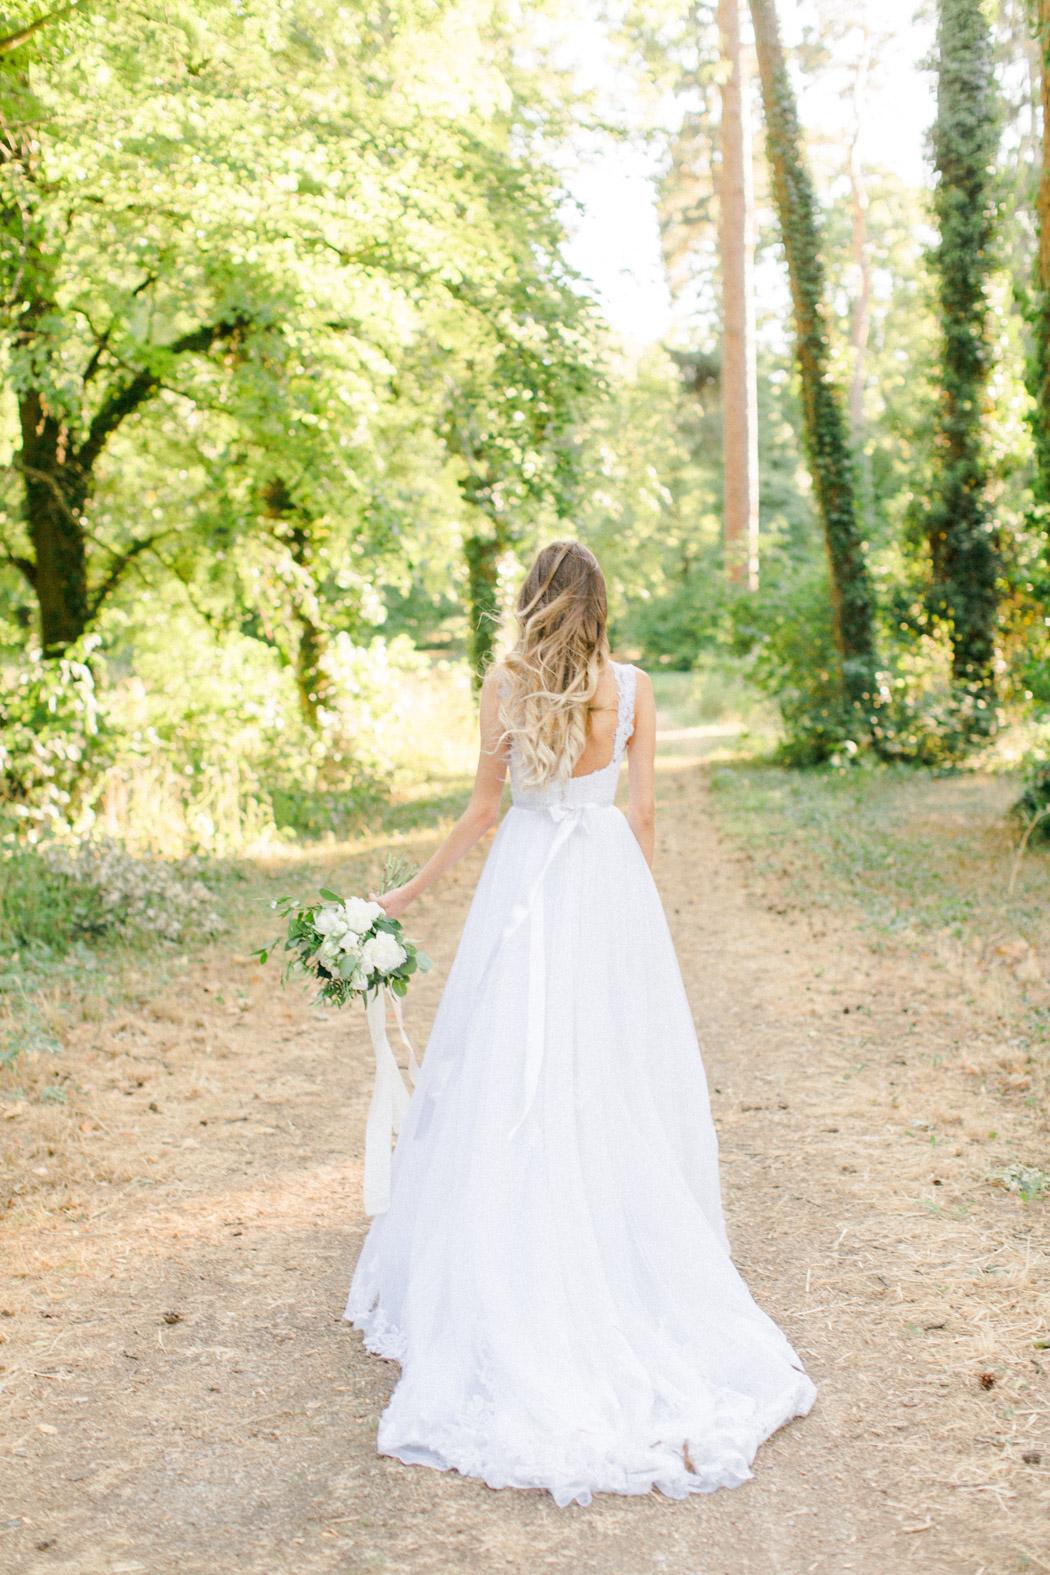 Sluncem zalitá svatba v přírodě, fotografie Daniel Nedeliak na blogu Originální Svatba